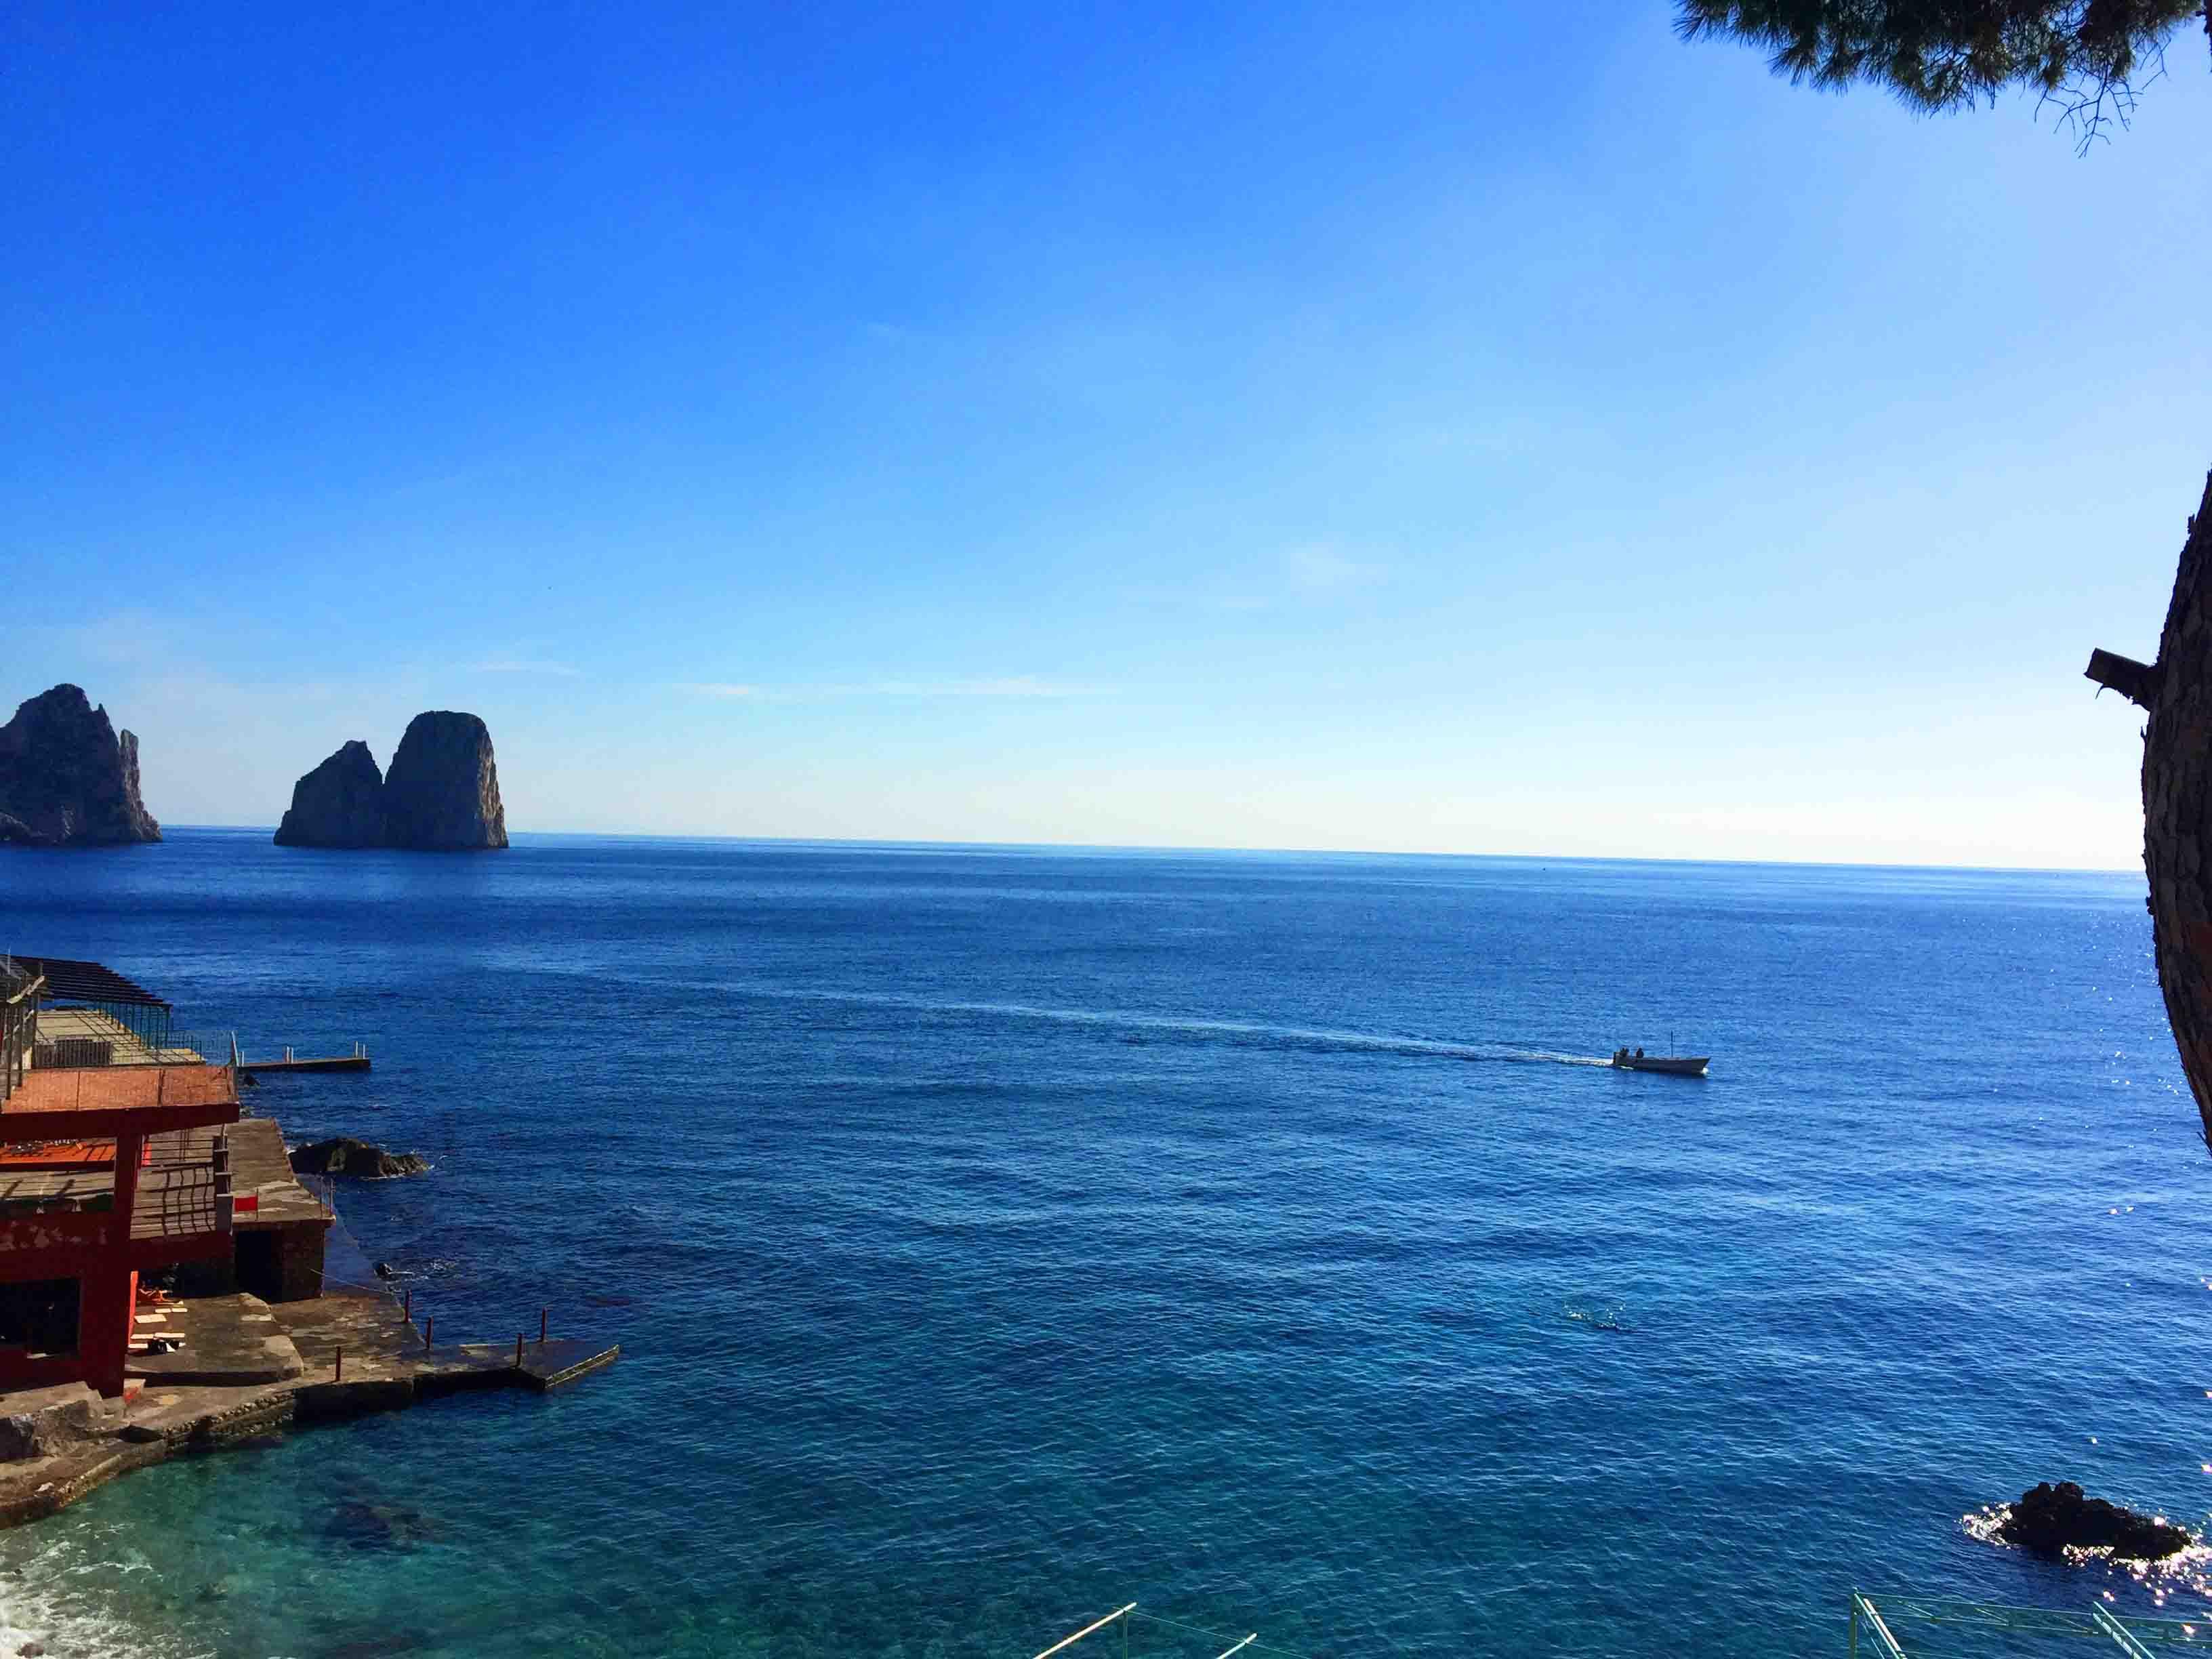 Come prenotare traghetti ed Aliscafi da Napoli per Capri al miglior prezzo?